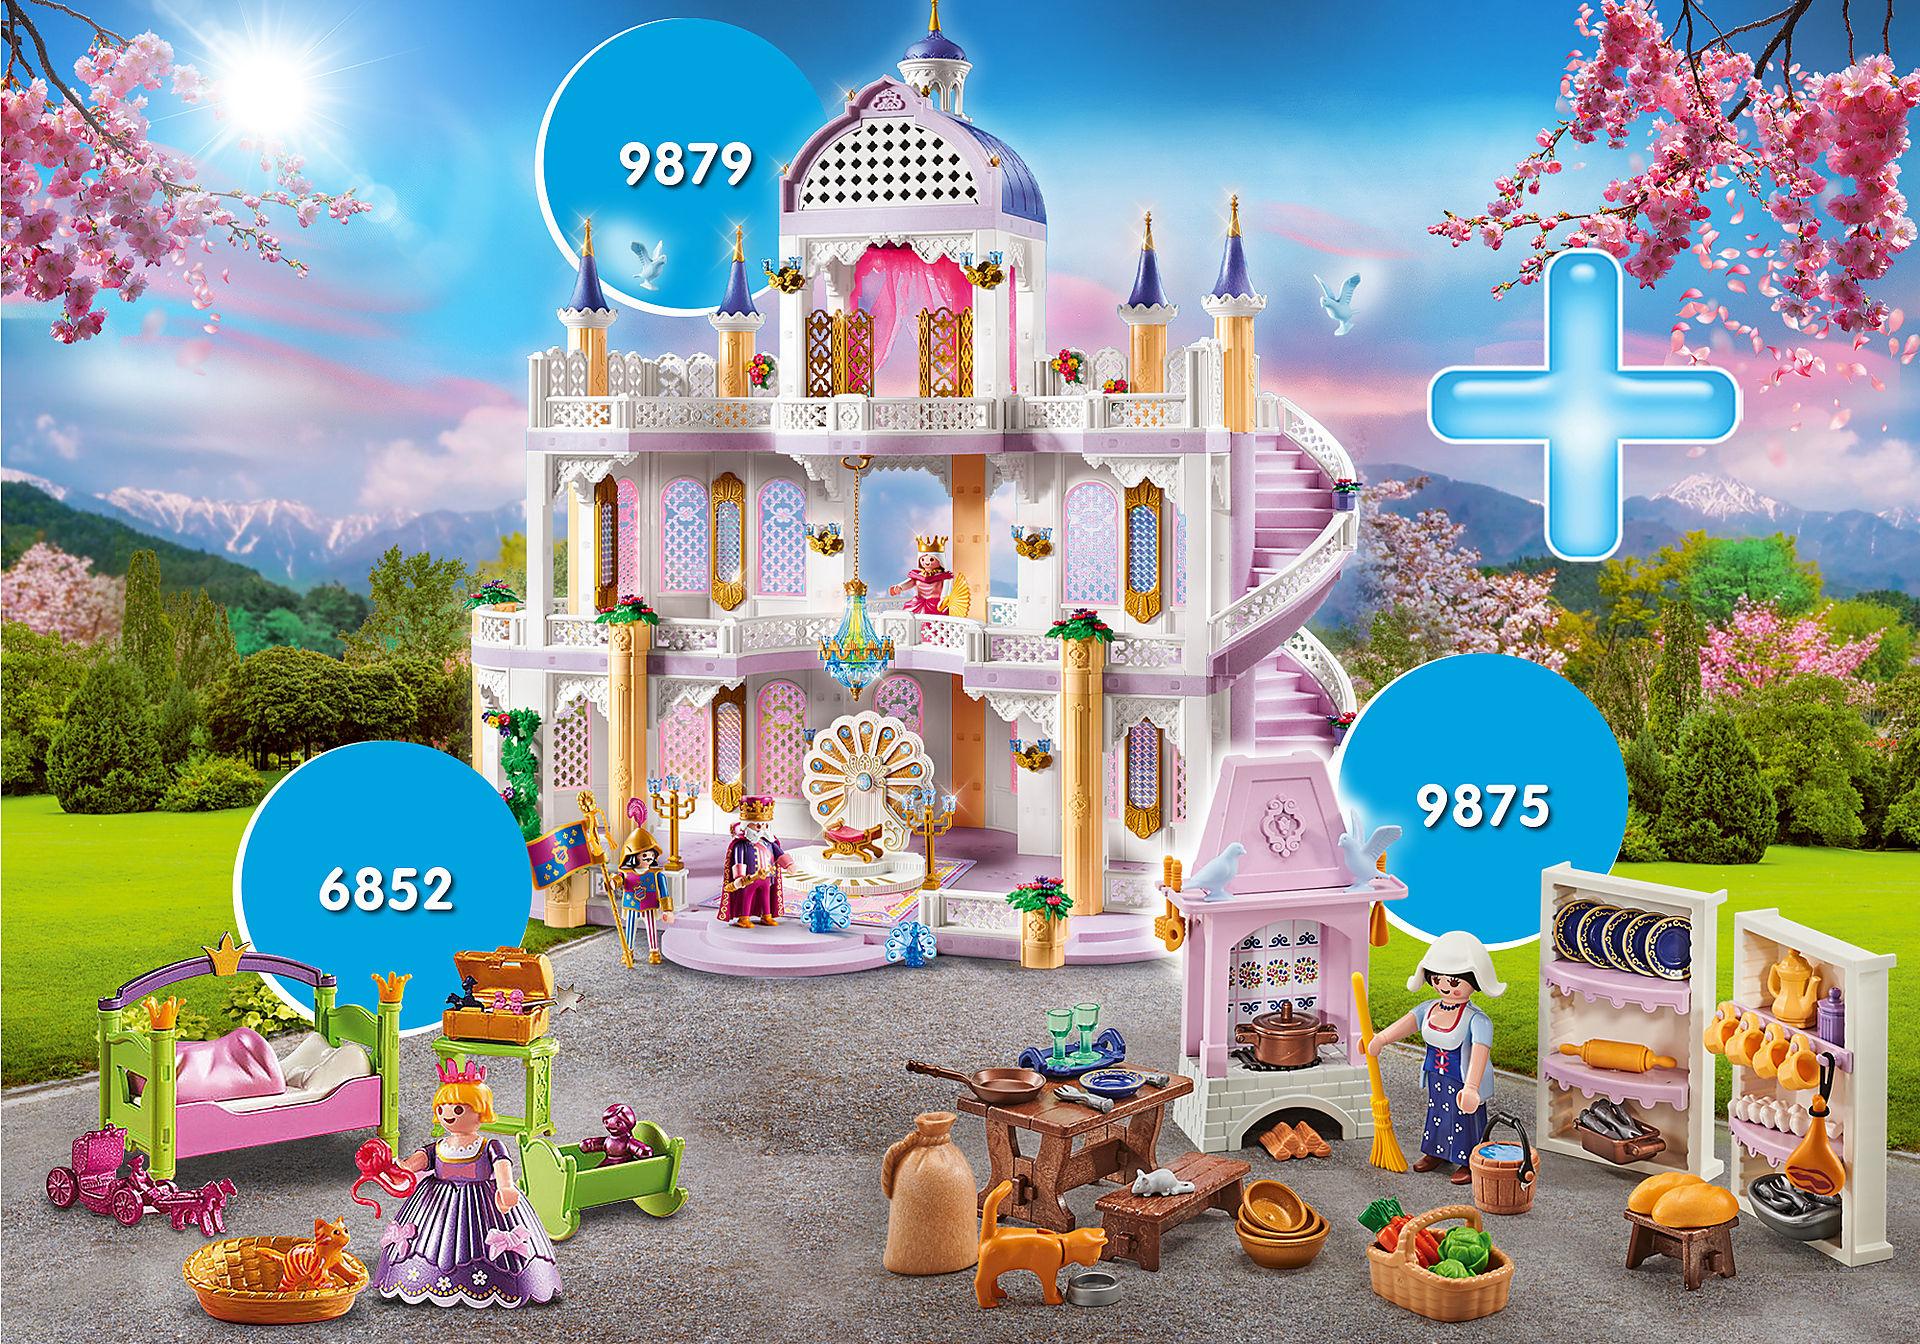 PM2010G Pack Promocional Castelo dos Sonhos com Princesa zoom image1